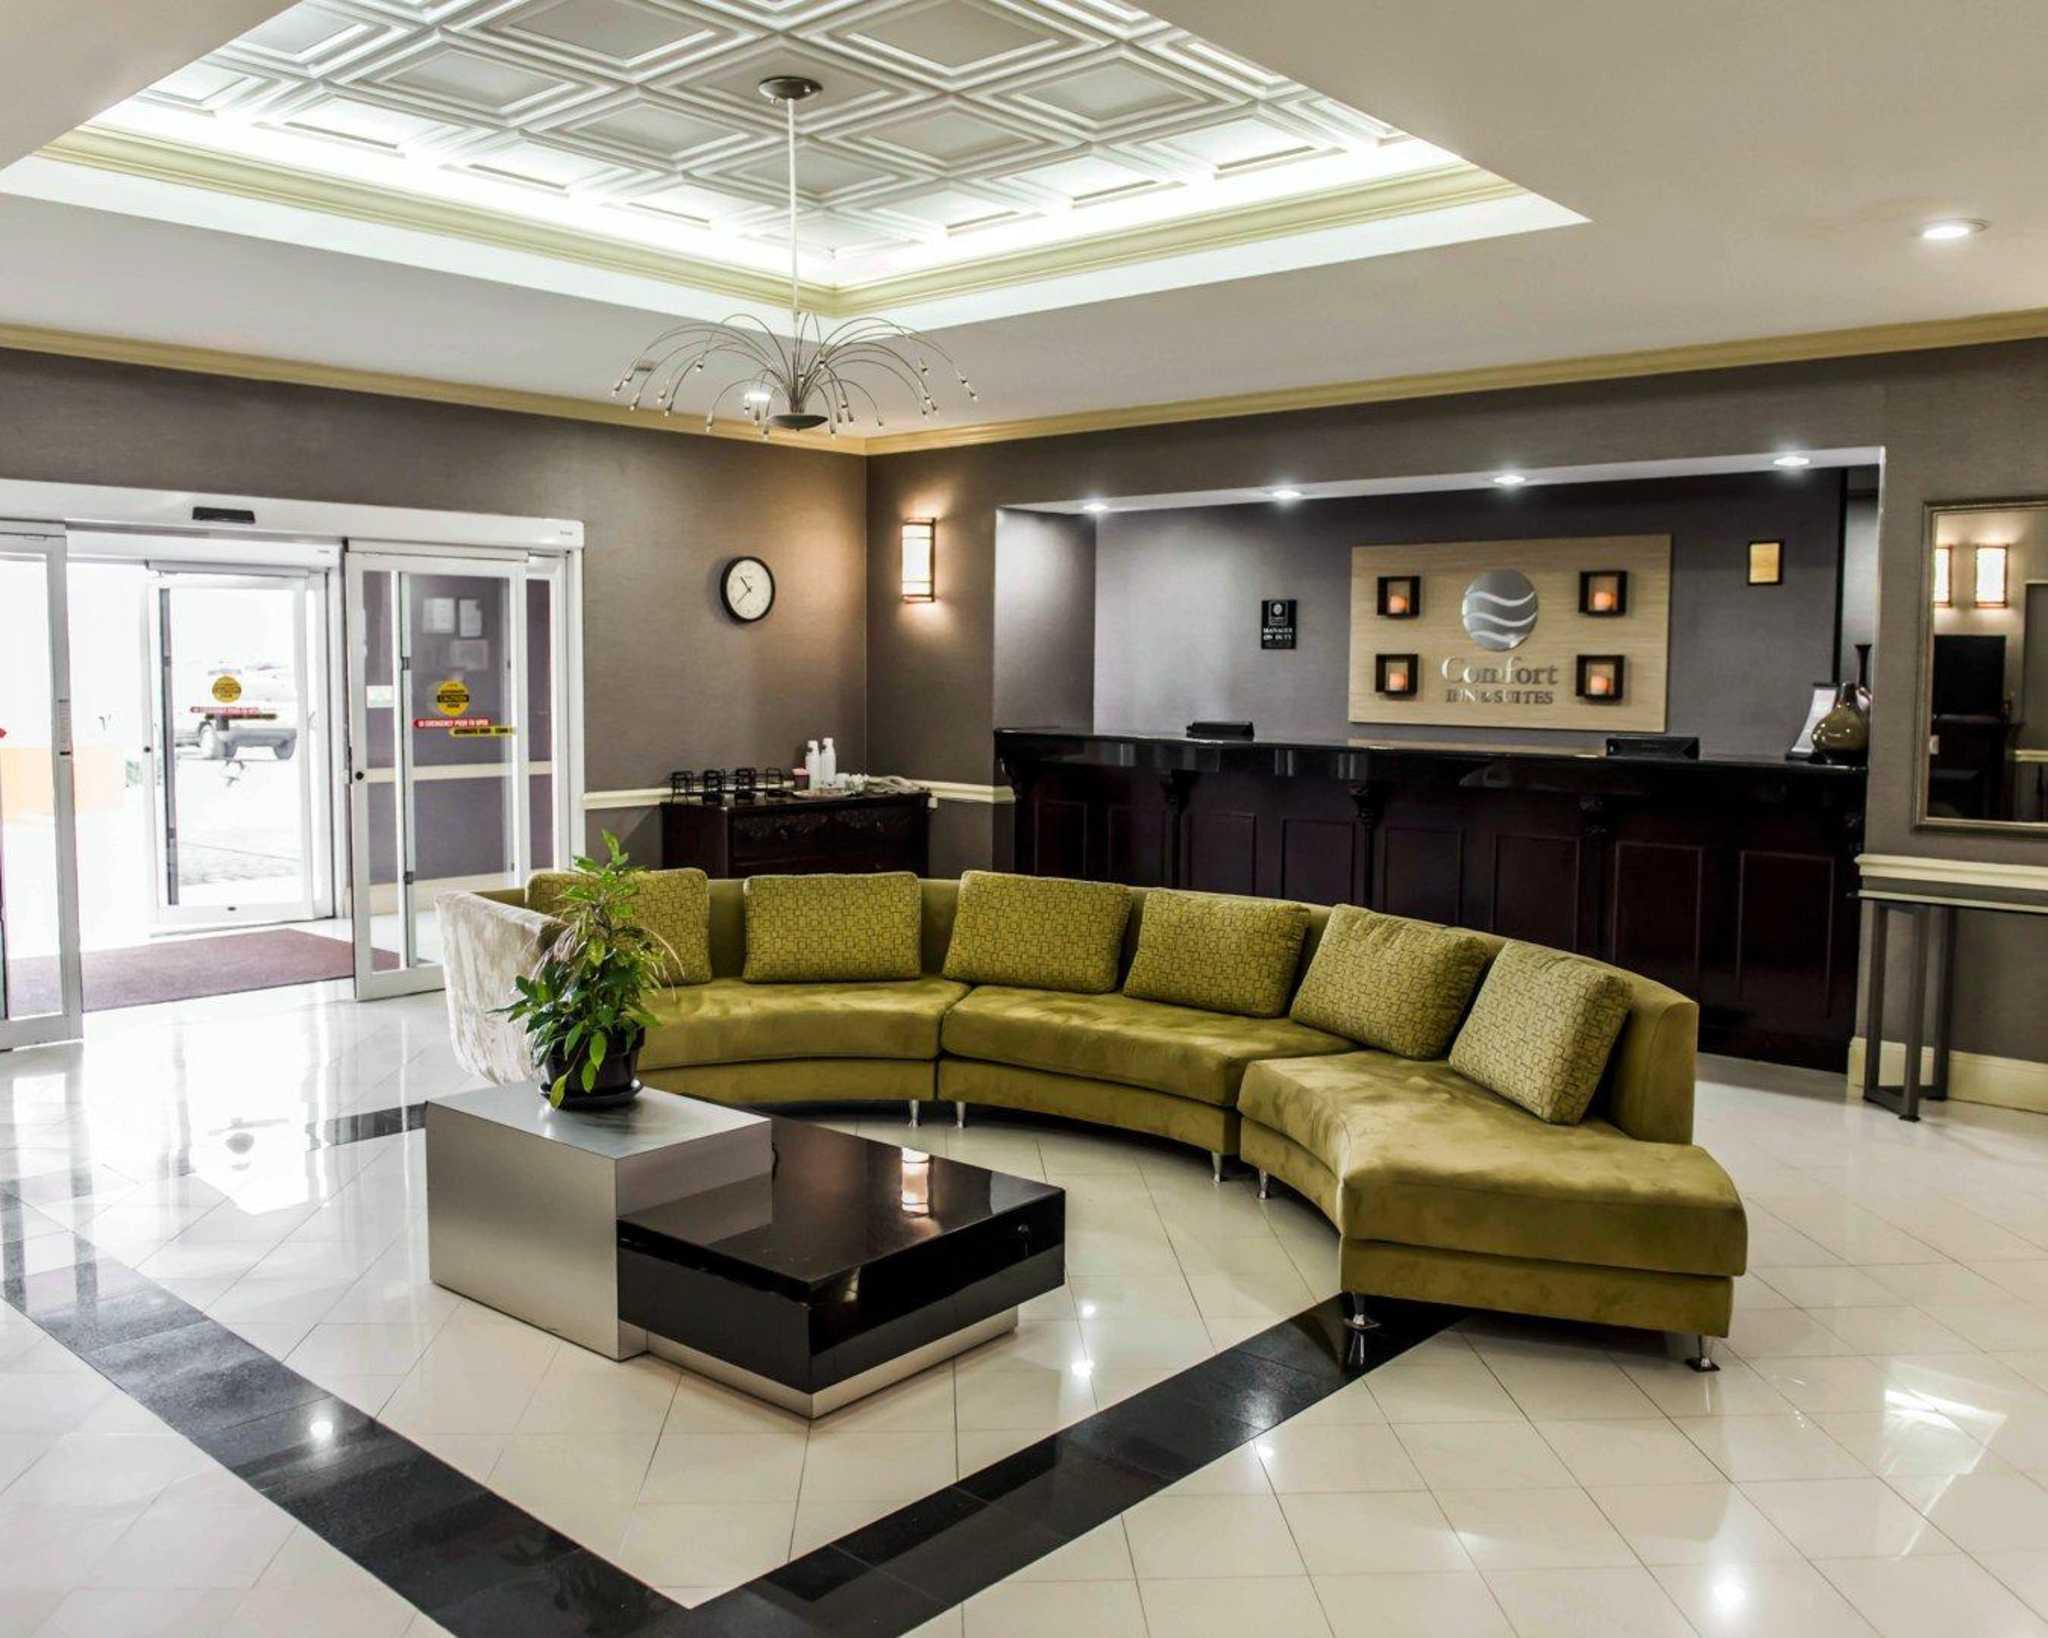 Comfort Inn & Suites Marianna I-10 image 21